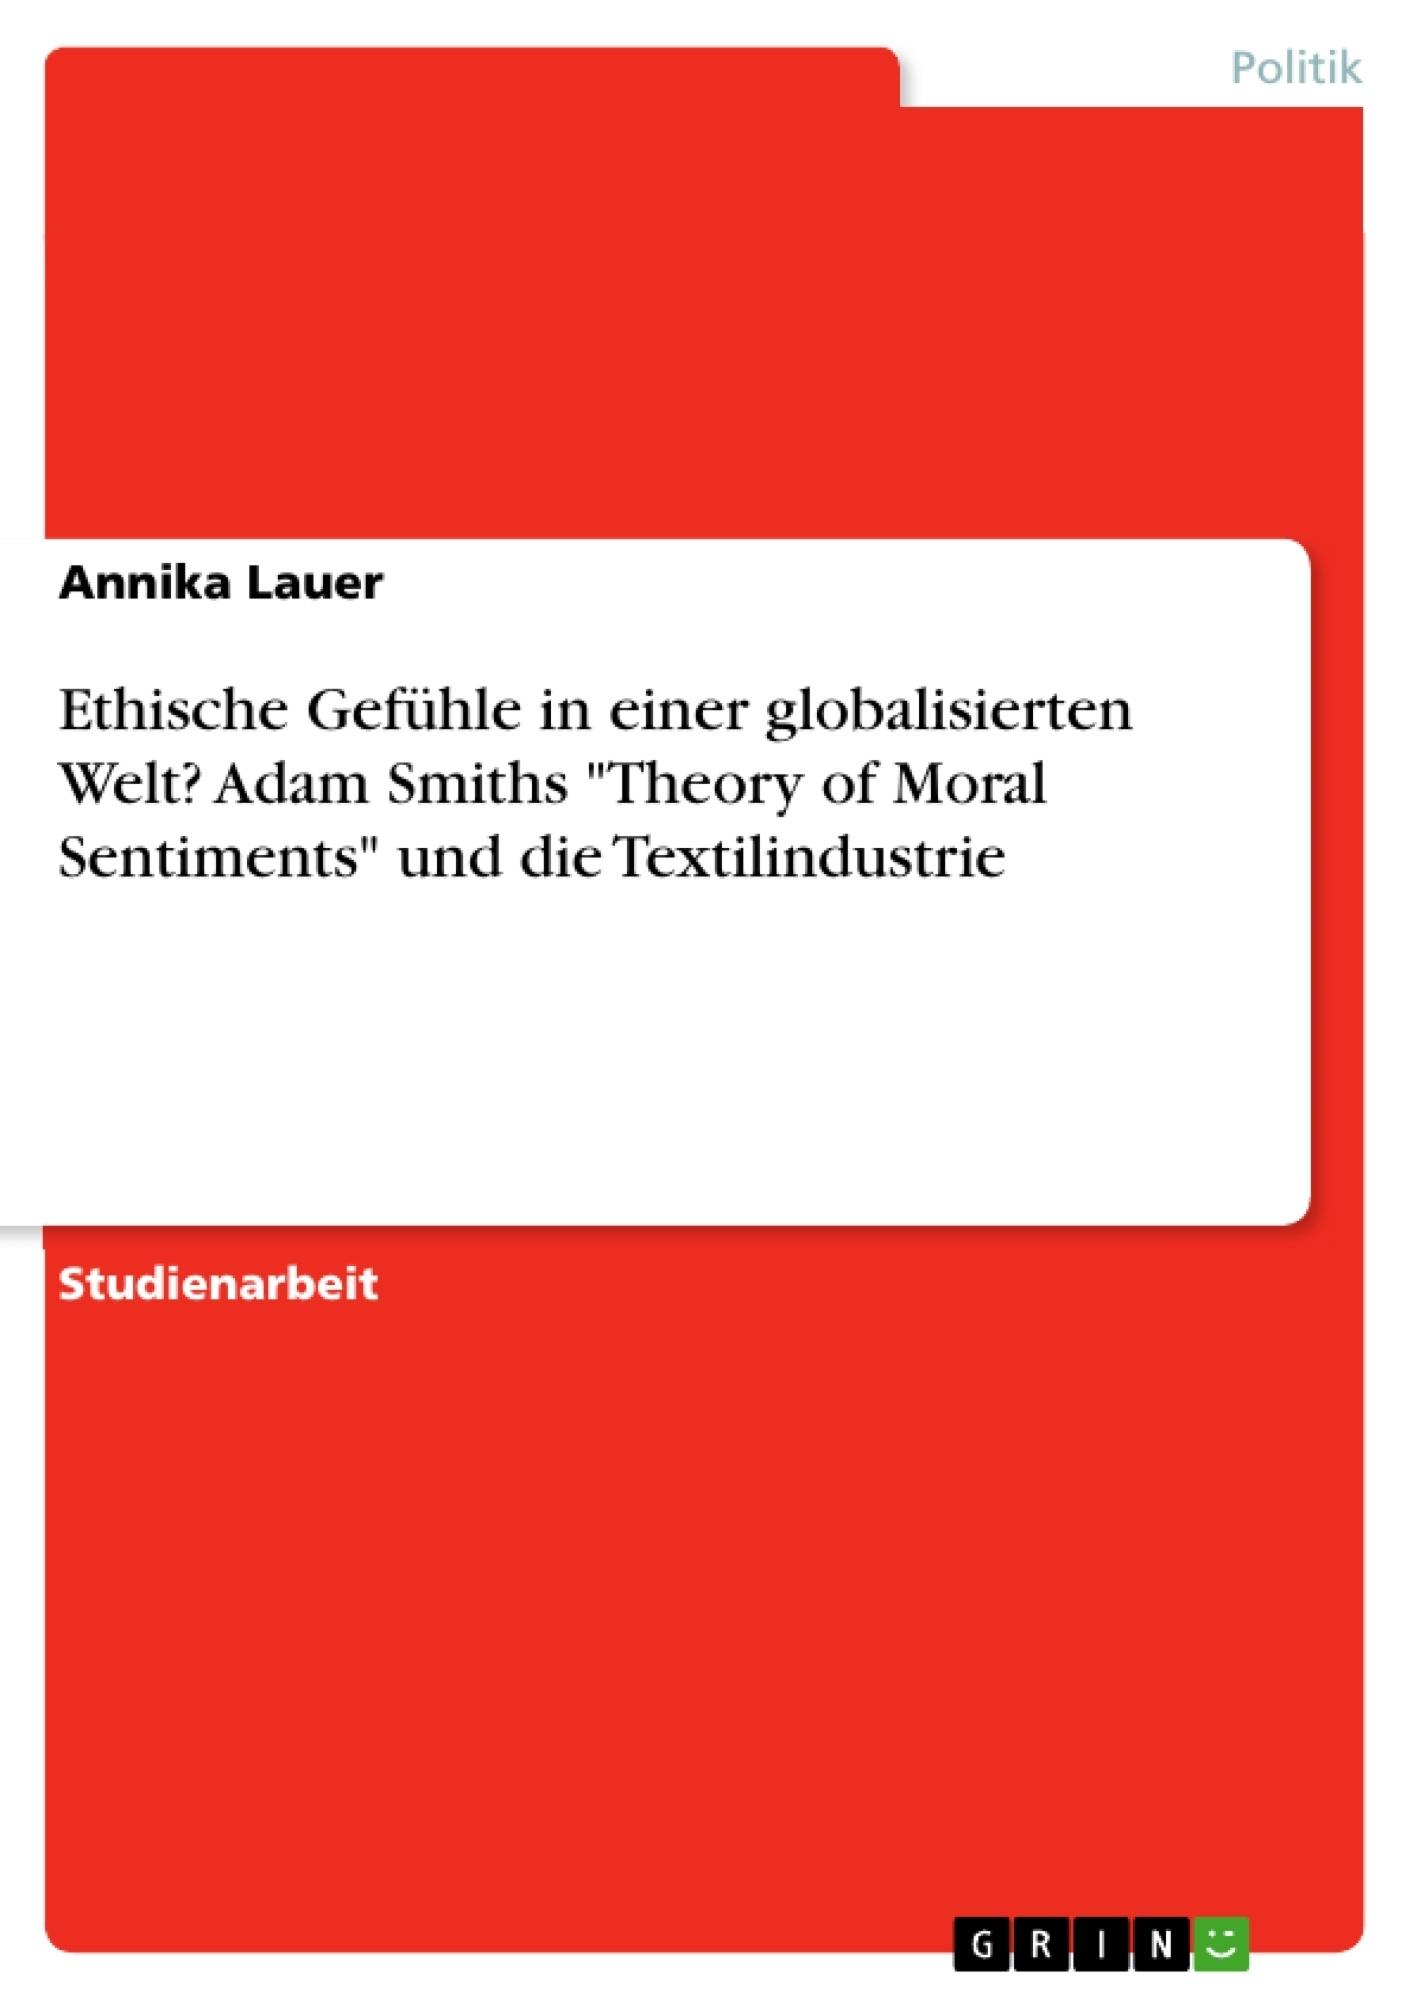 """Titel: Ethische Gefühle in einer globalisierten Welt? Adam Smiths """"Theory of Moral Sentiments"""" und die Textilindustrie"""